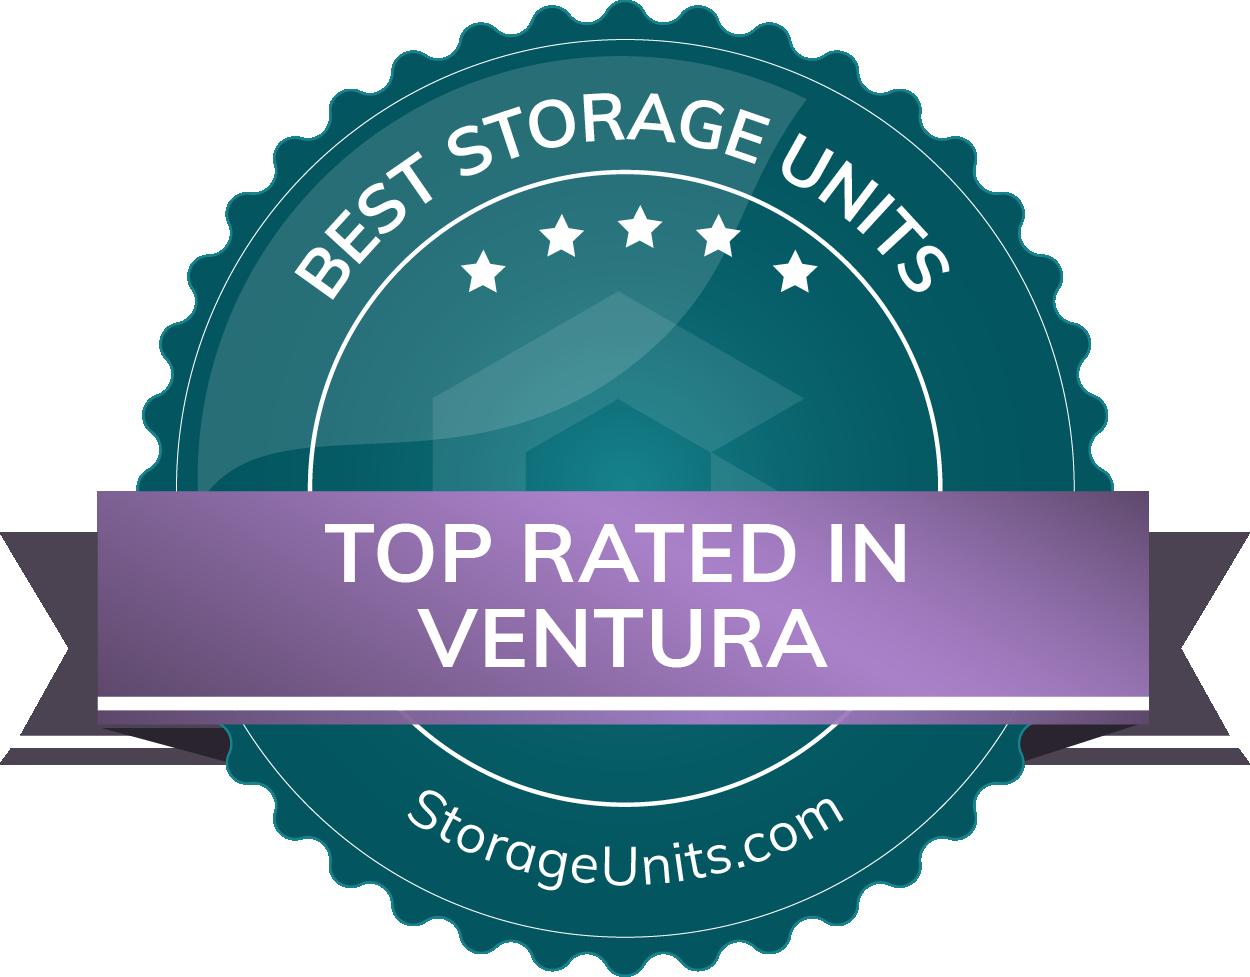 Best Self Storage Units in Ventura, CA